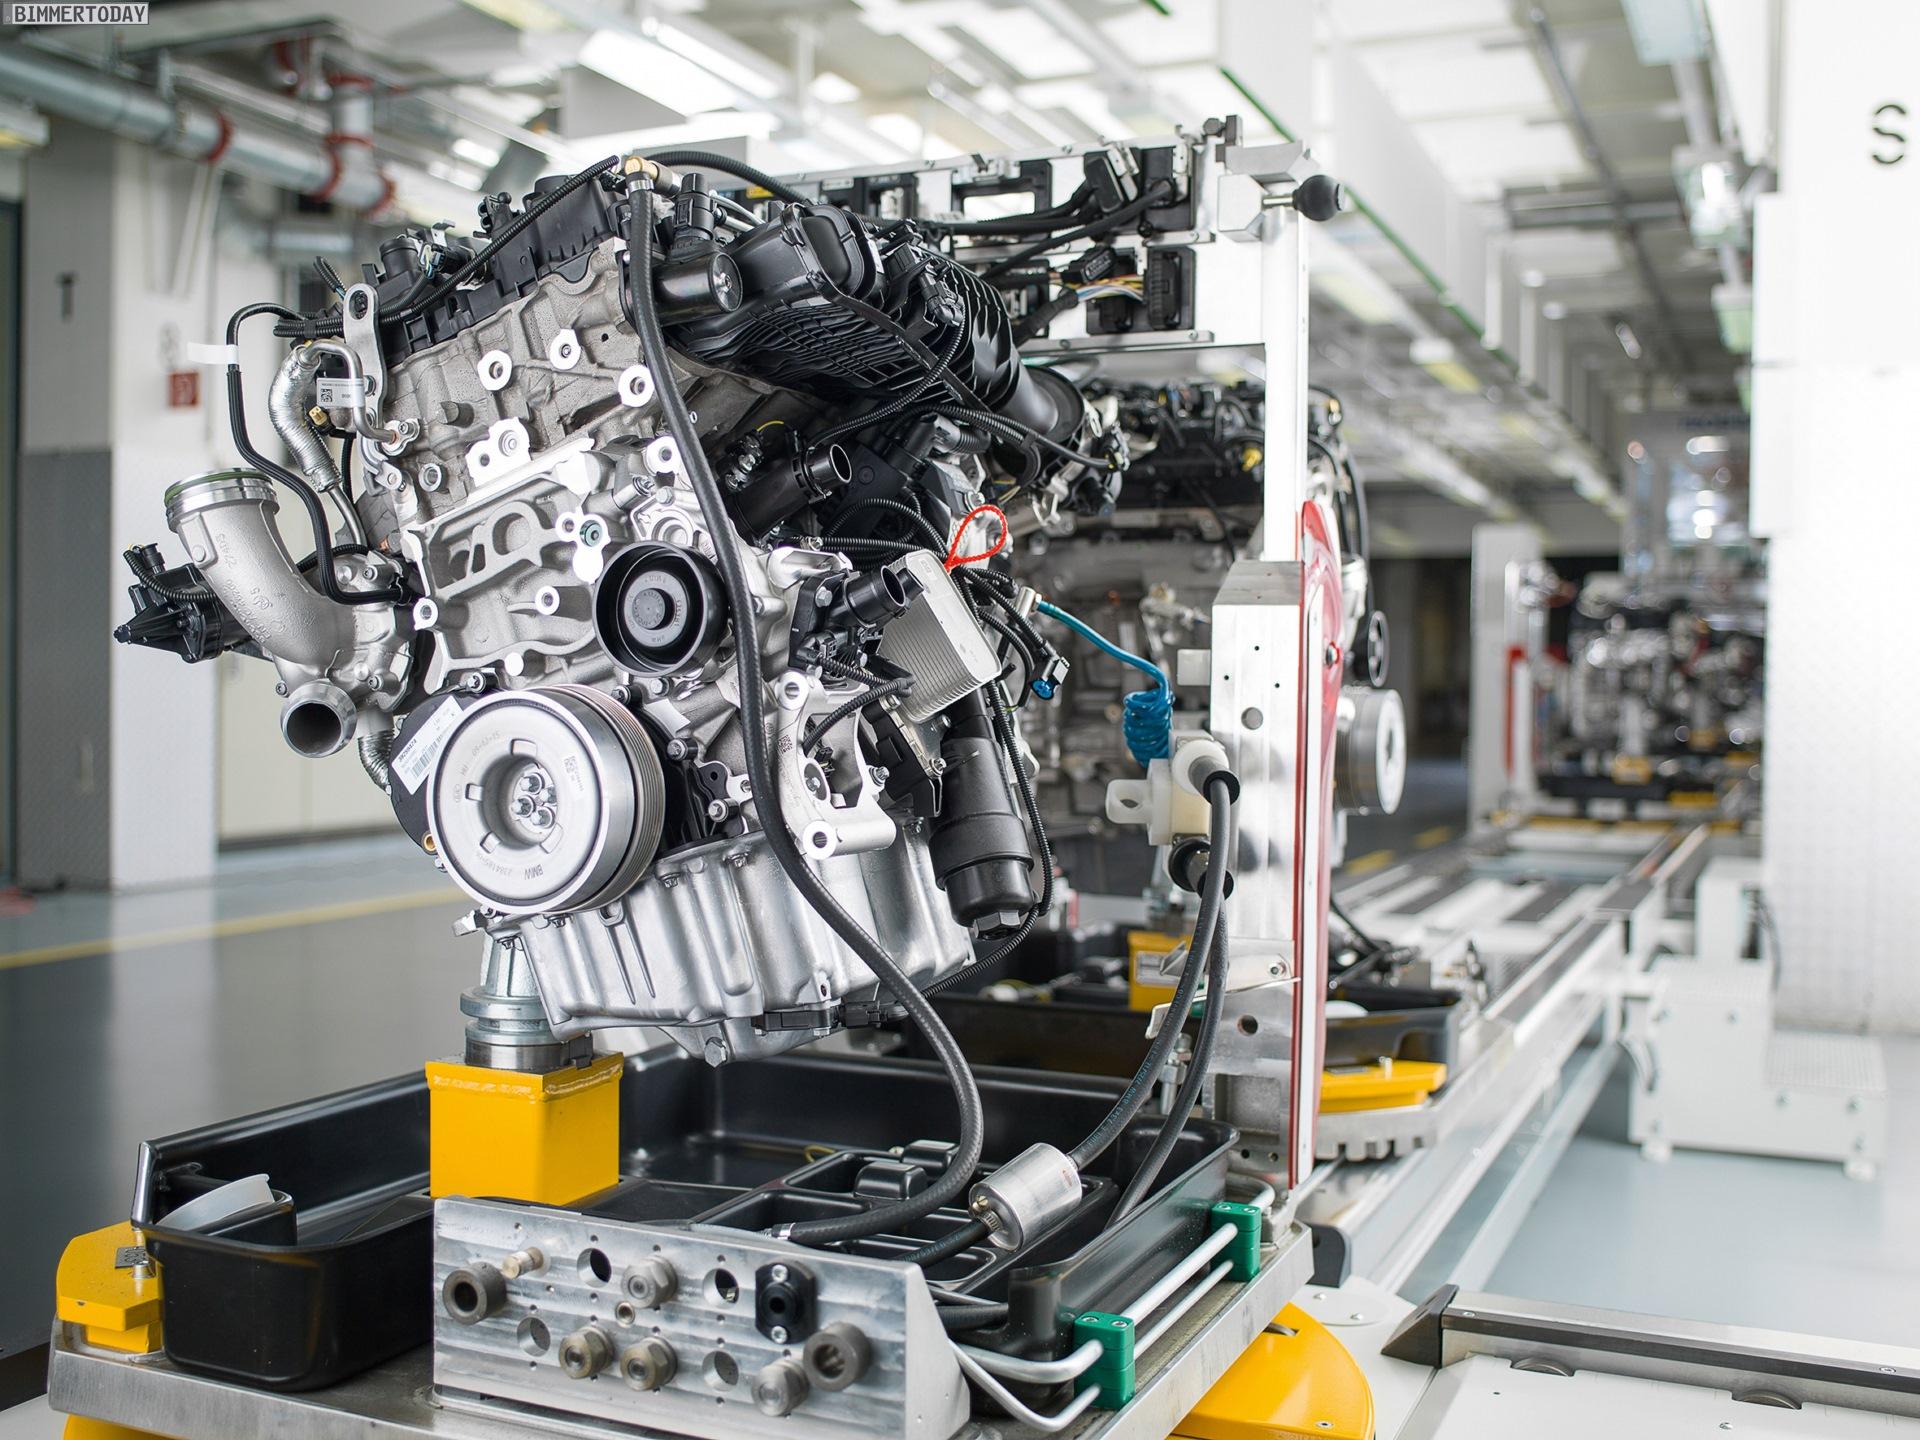 Bmw Motoren Werk Steyr Feiert Neue Rekorde 2015